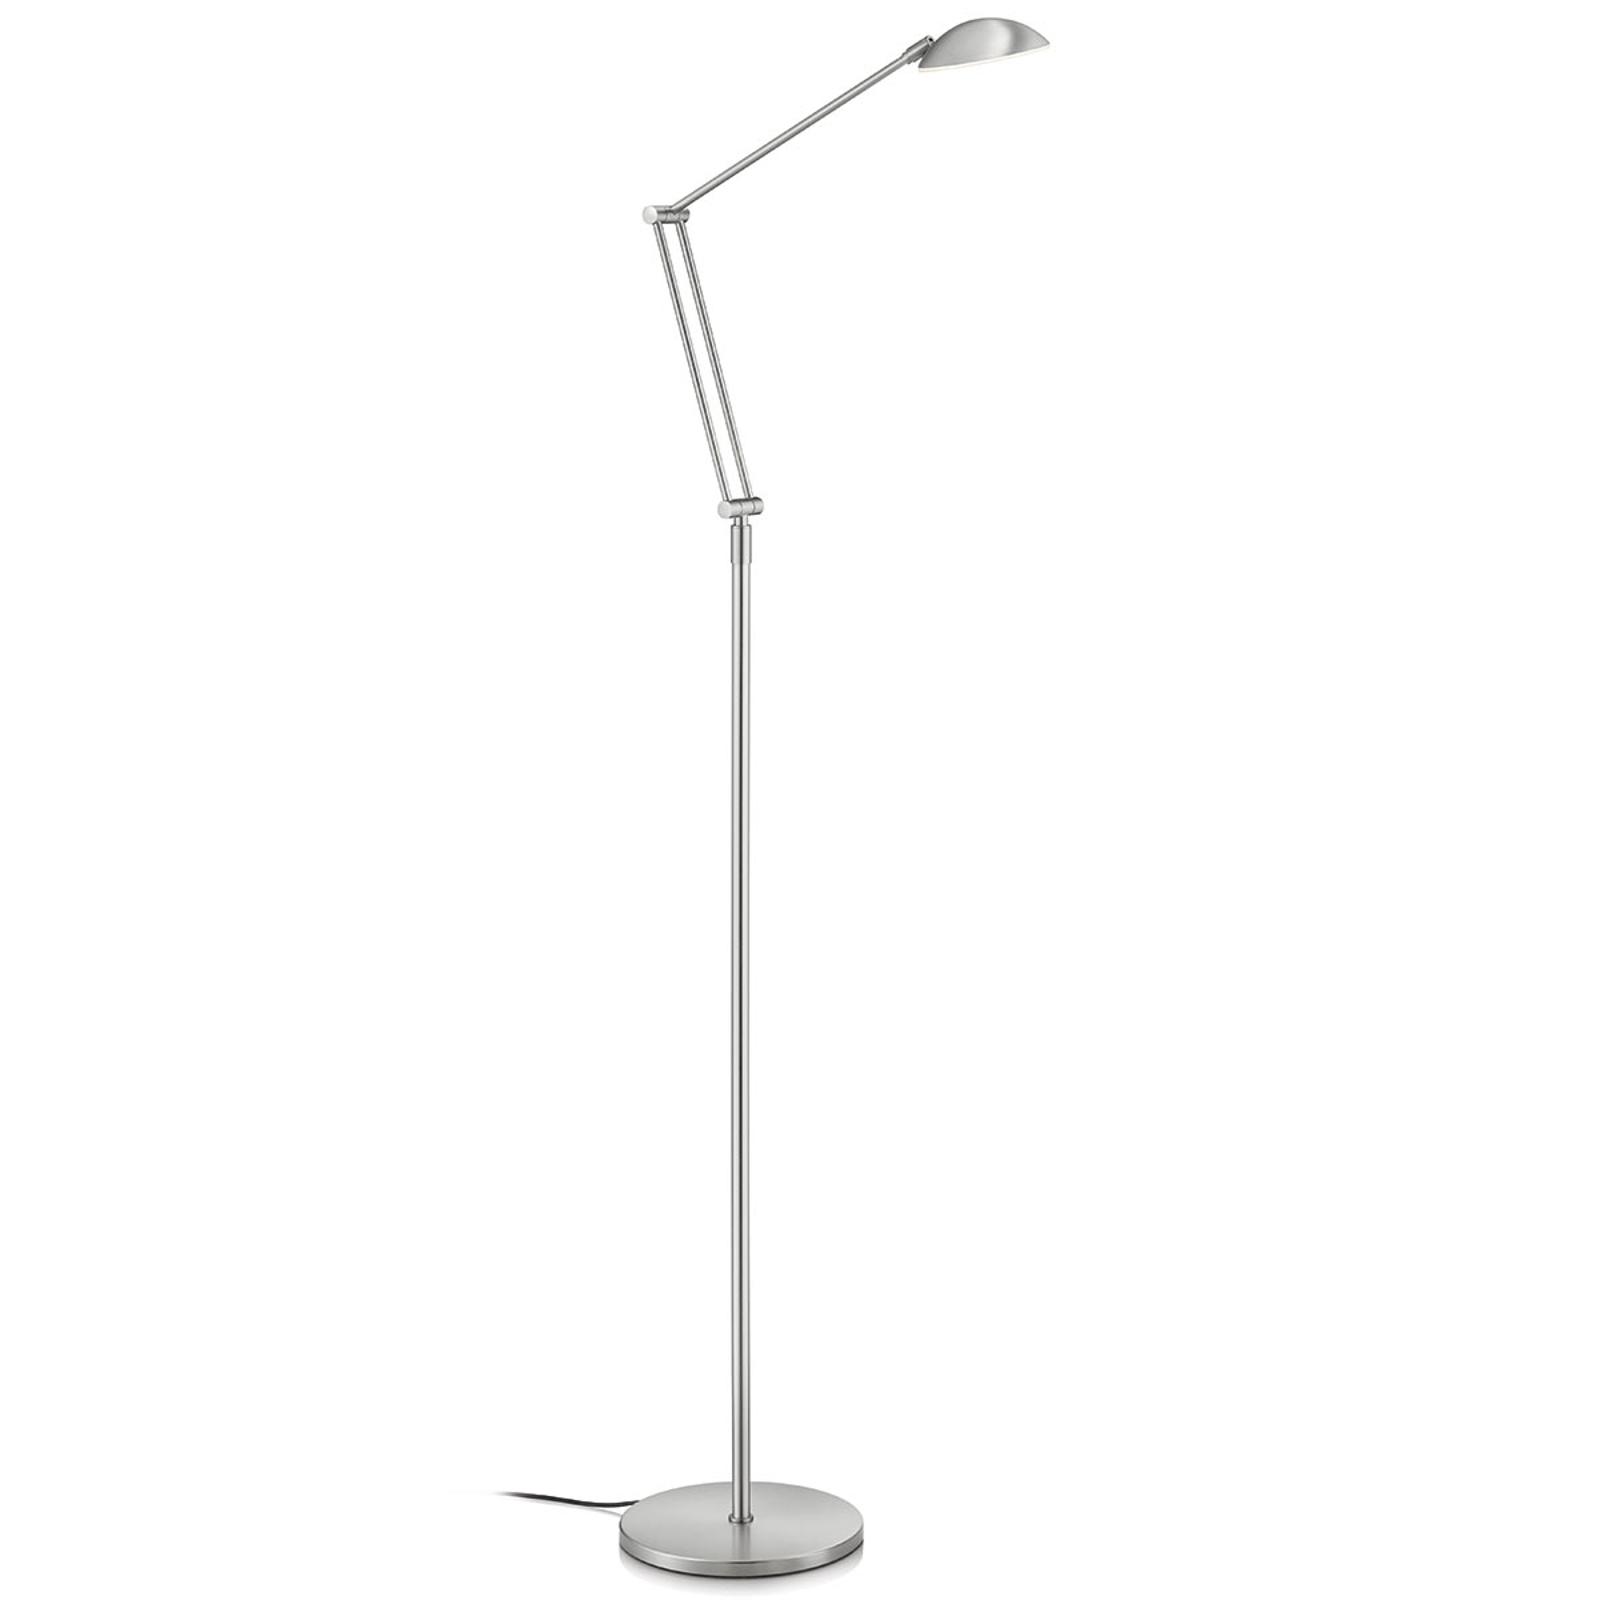 Zmienna lampa stojąca LED Artemis sterowana gestem